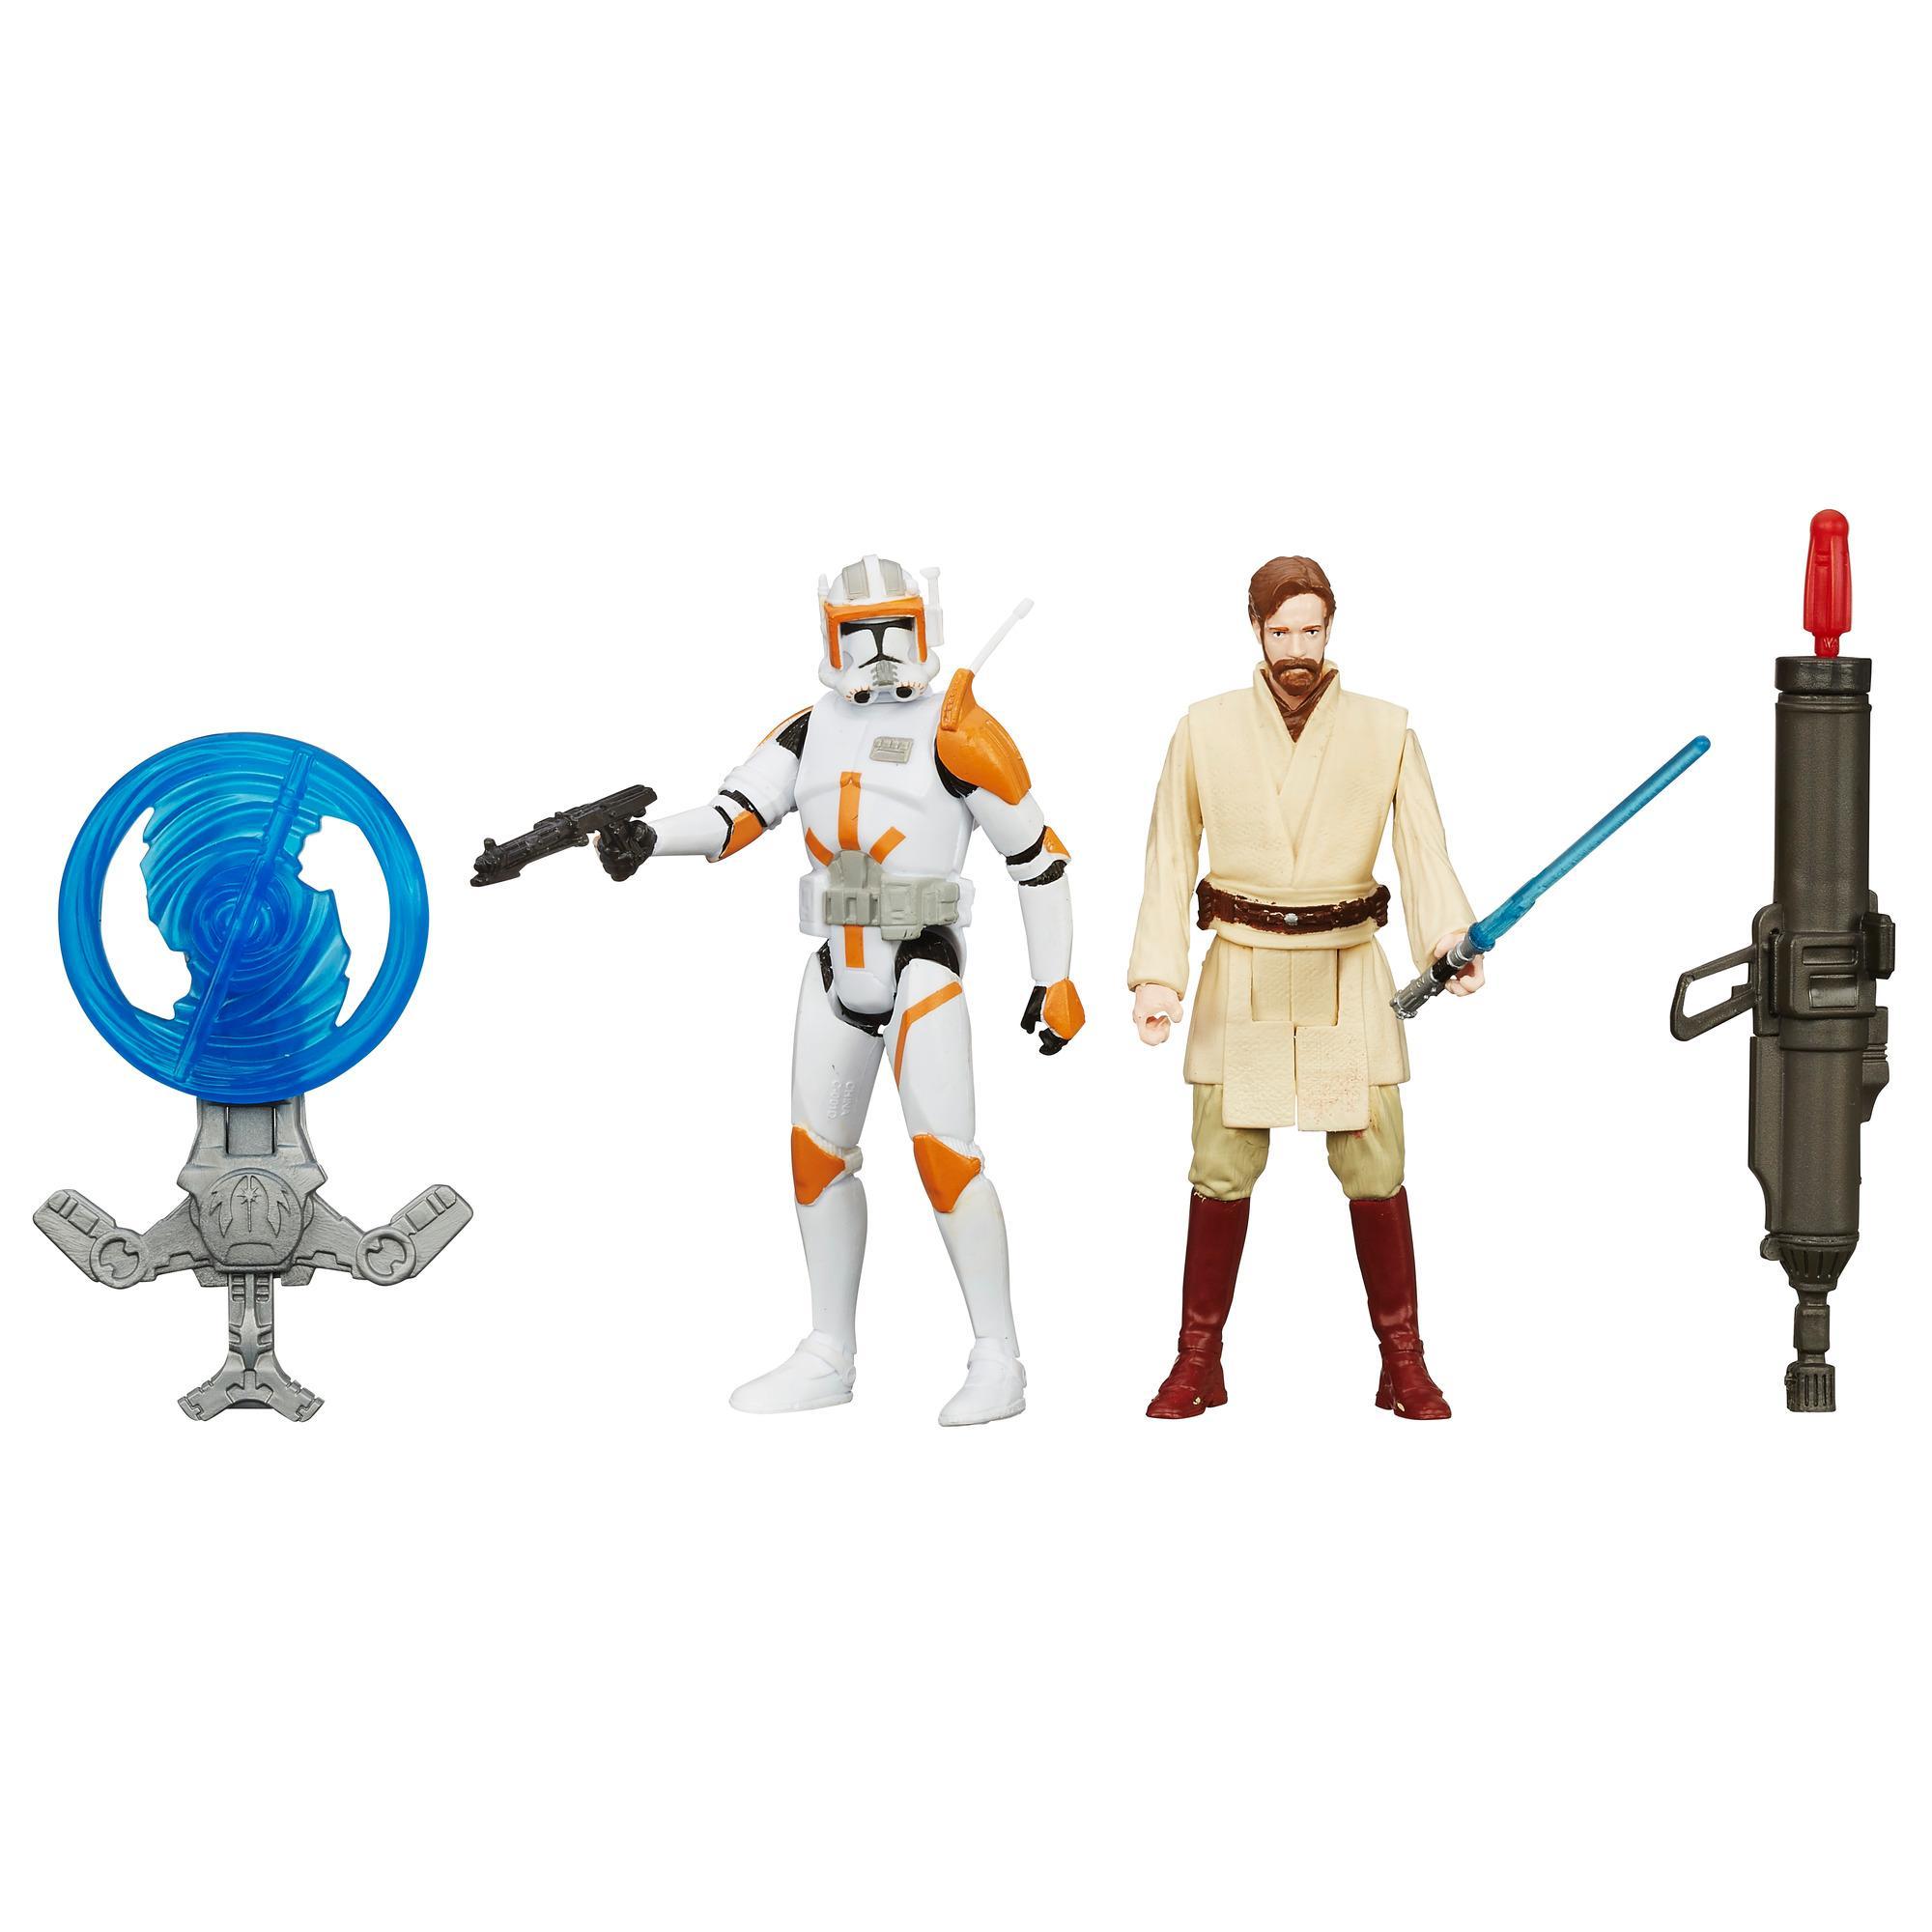 Star Wars A Vingança dos Sith - Kit Missão no Deserto com 2 Figuras de 9,5 cm: Obi-Wan e comandante Cody